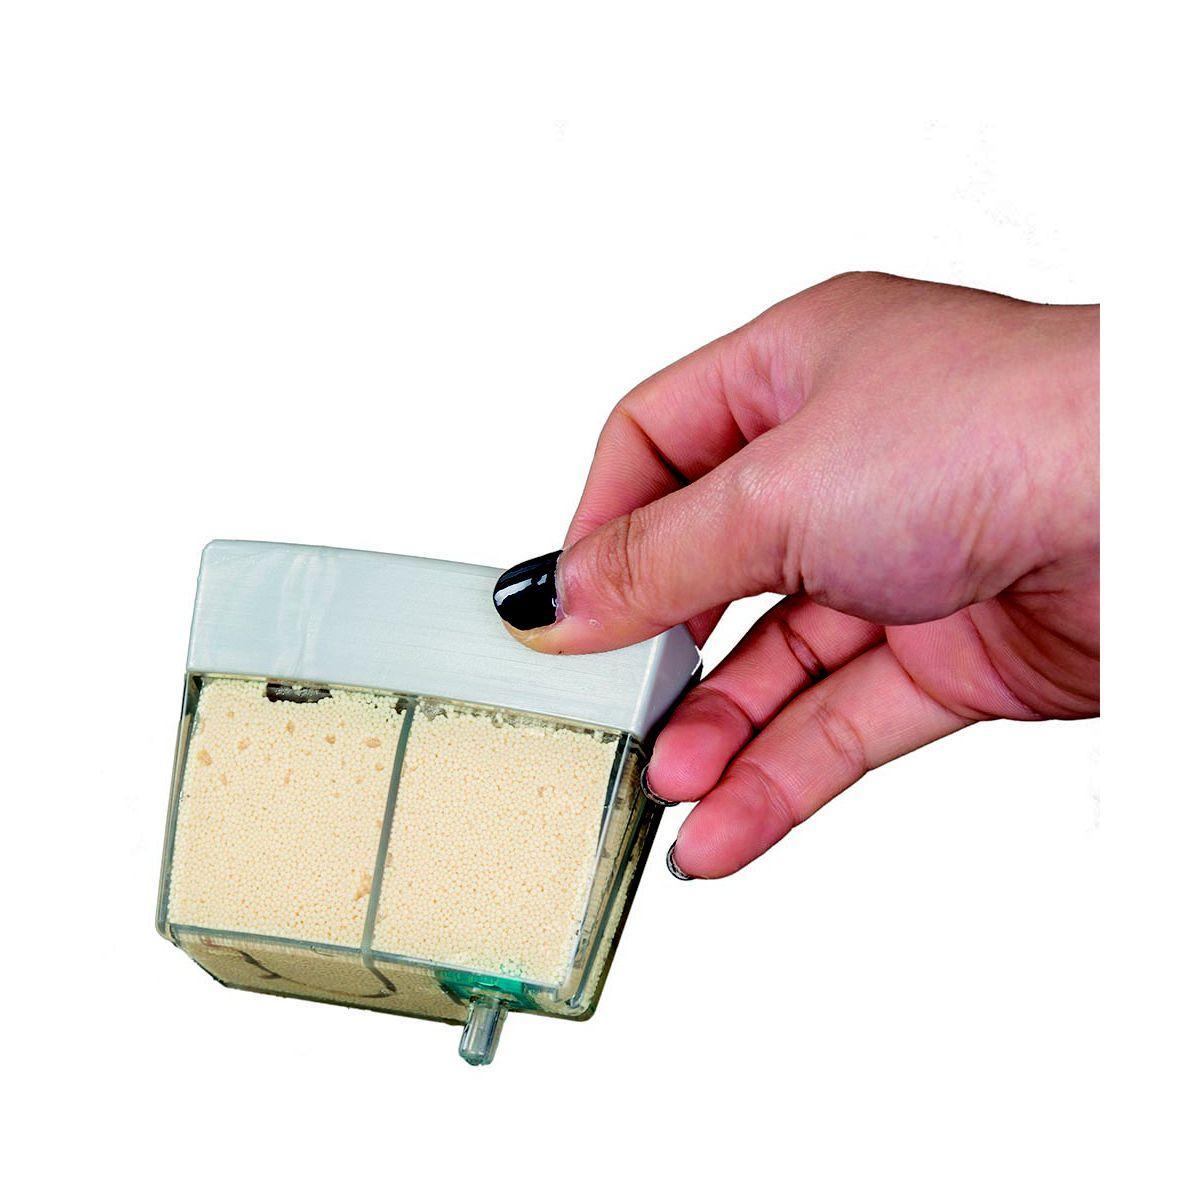 Filtre fagor fg509a anti calcaire x2 pour speed'up - 10% de remise imm�diate avec le code : deal10 (photo)